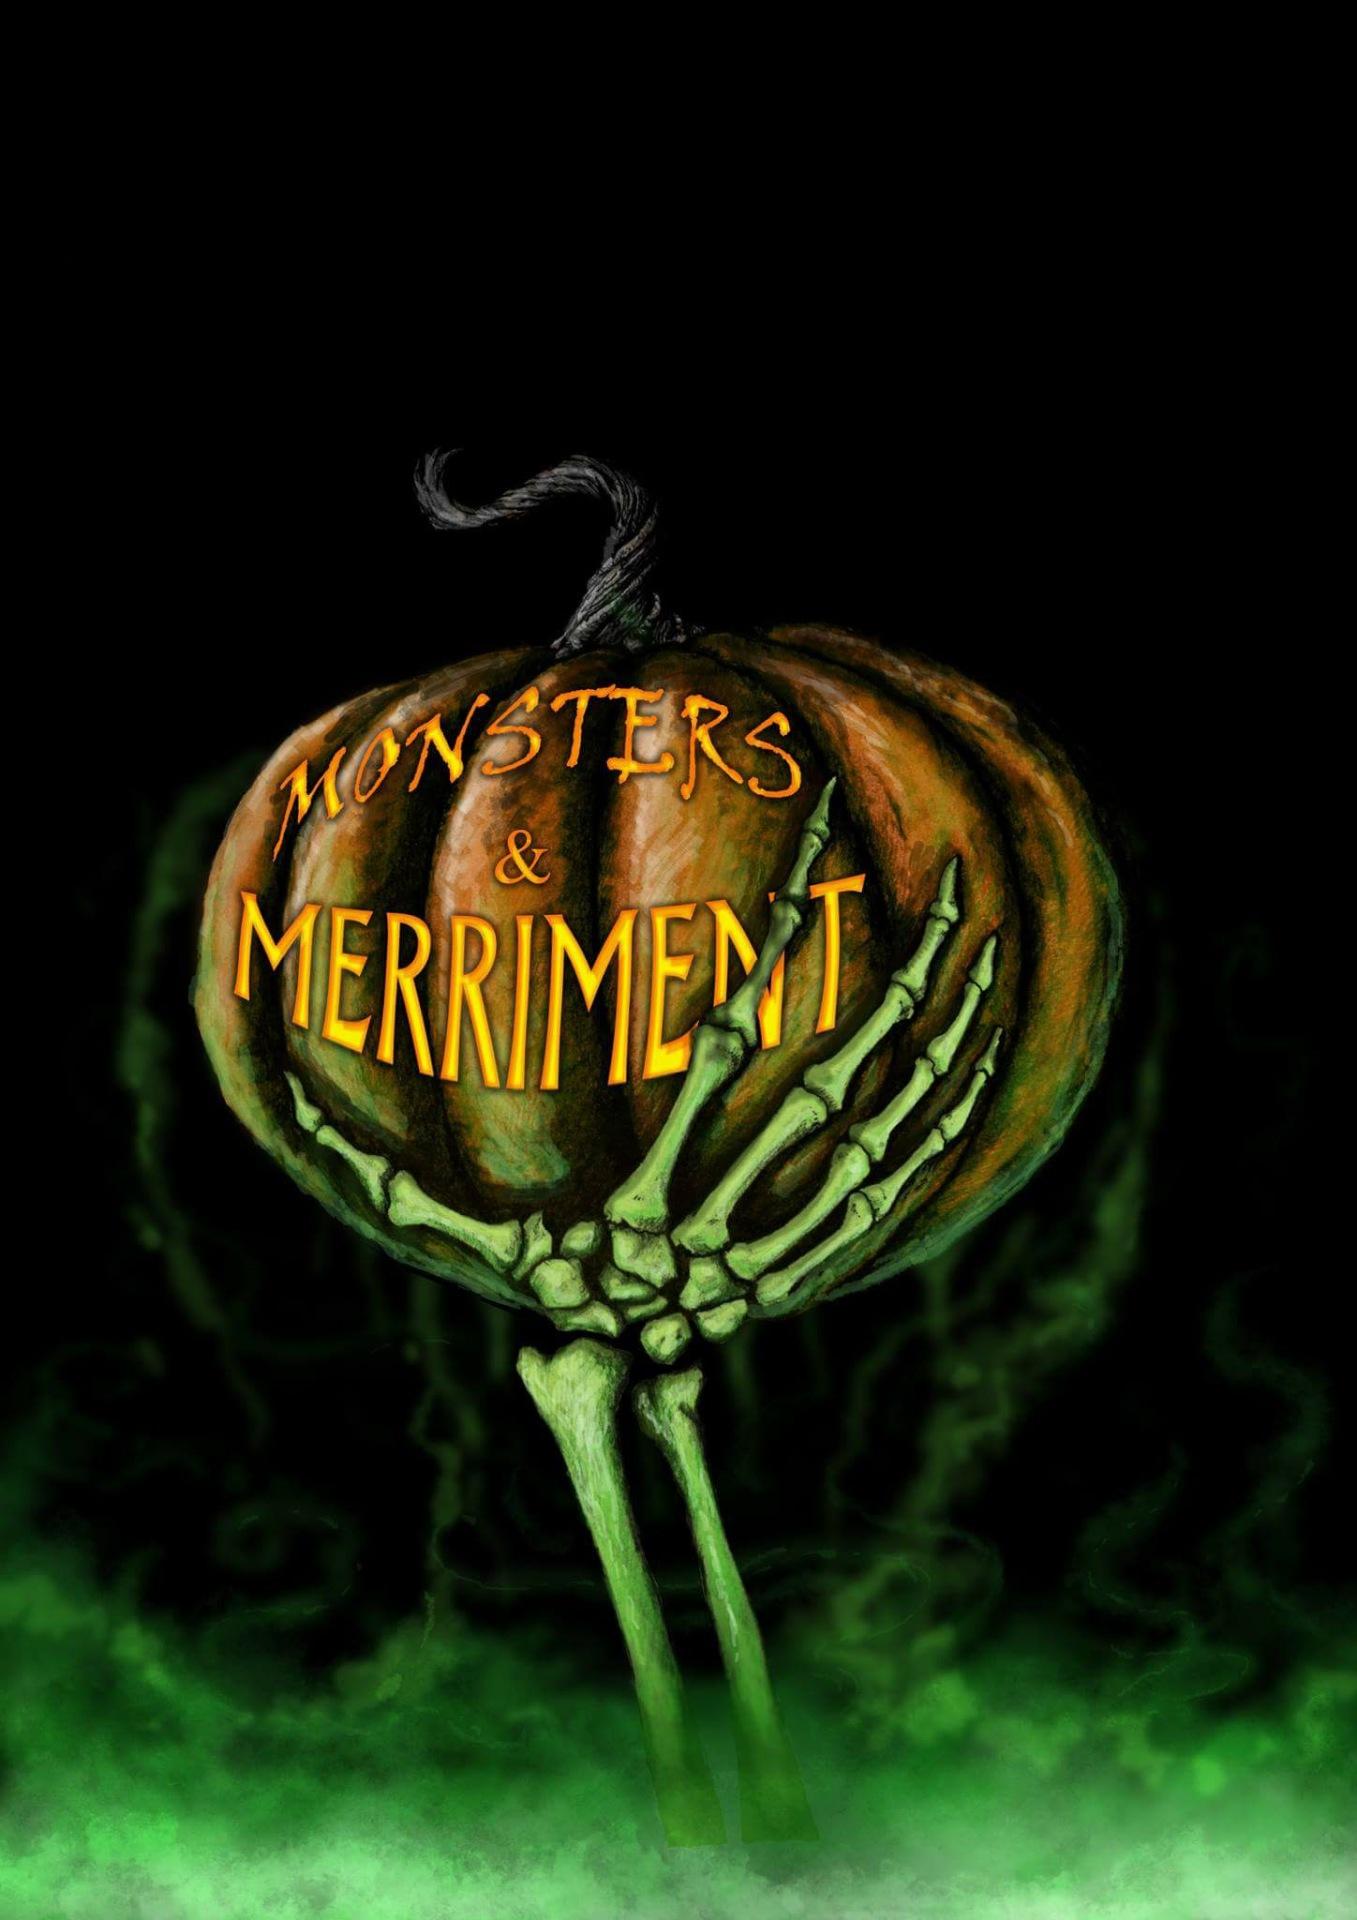 Monsters & Merriment